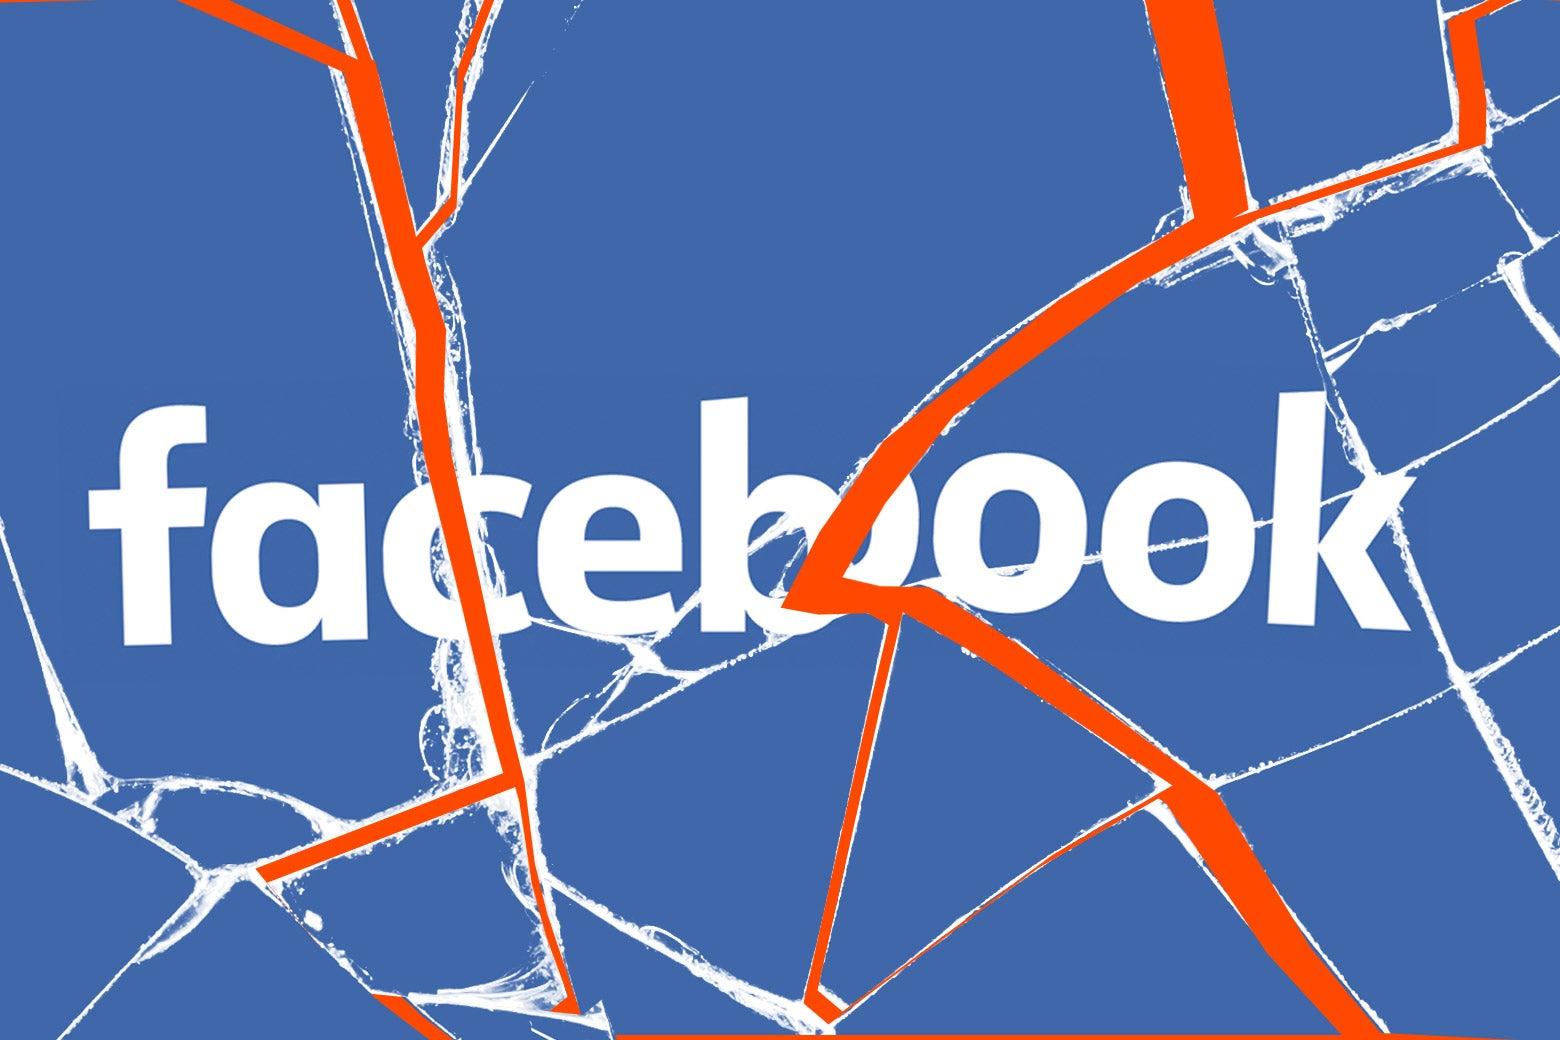 A shattered Facebook logo